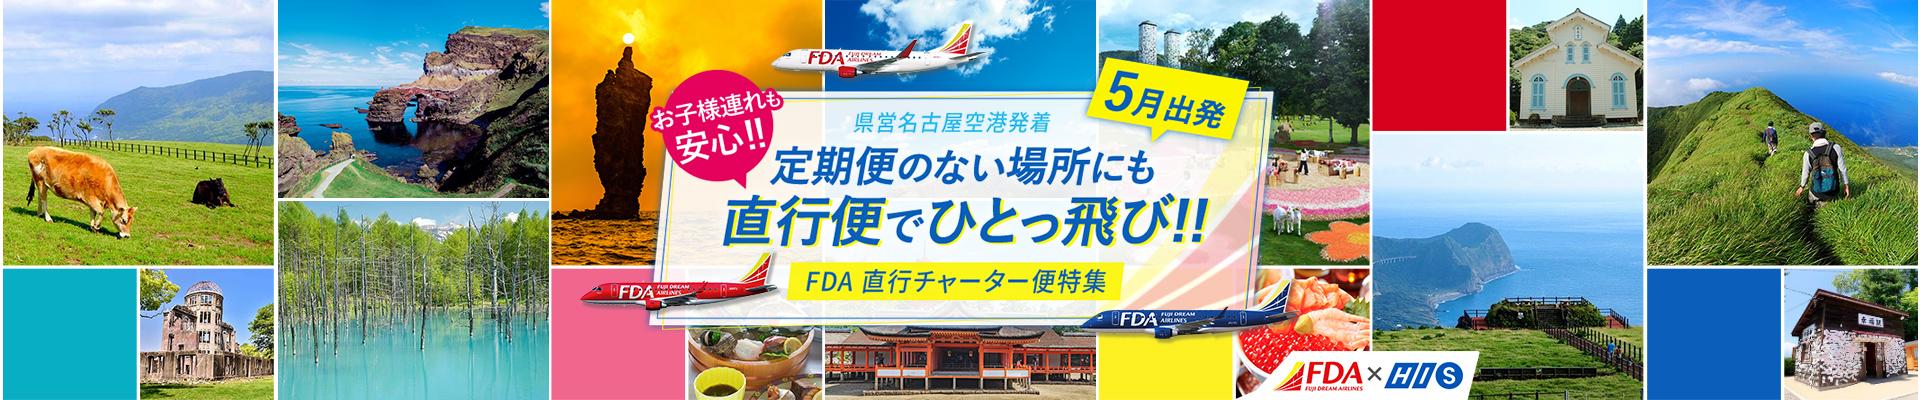 FDA×HIS直行チャーター便特集